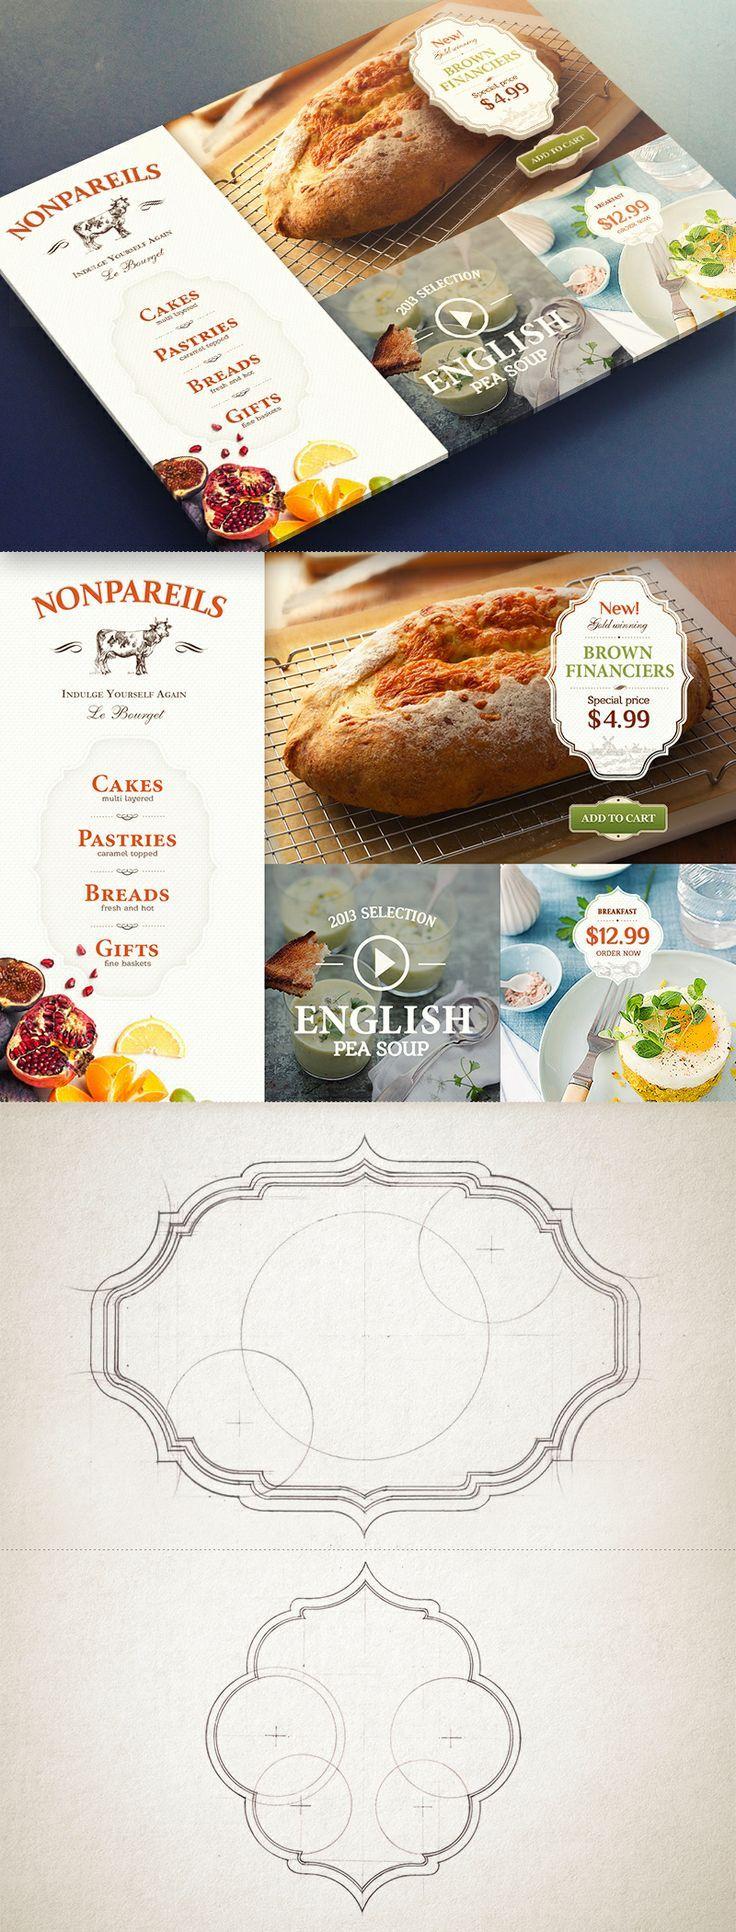 Bakery iPad app